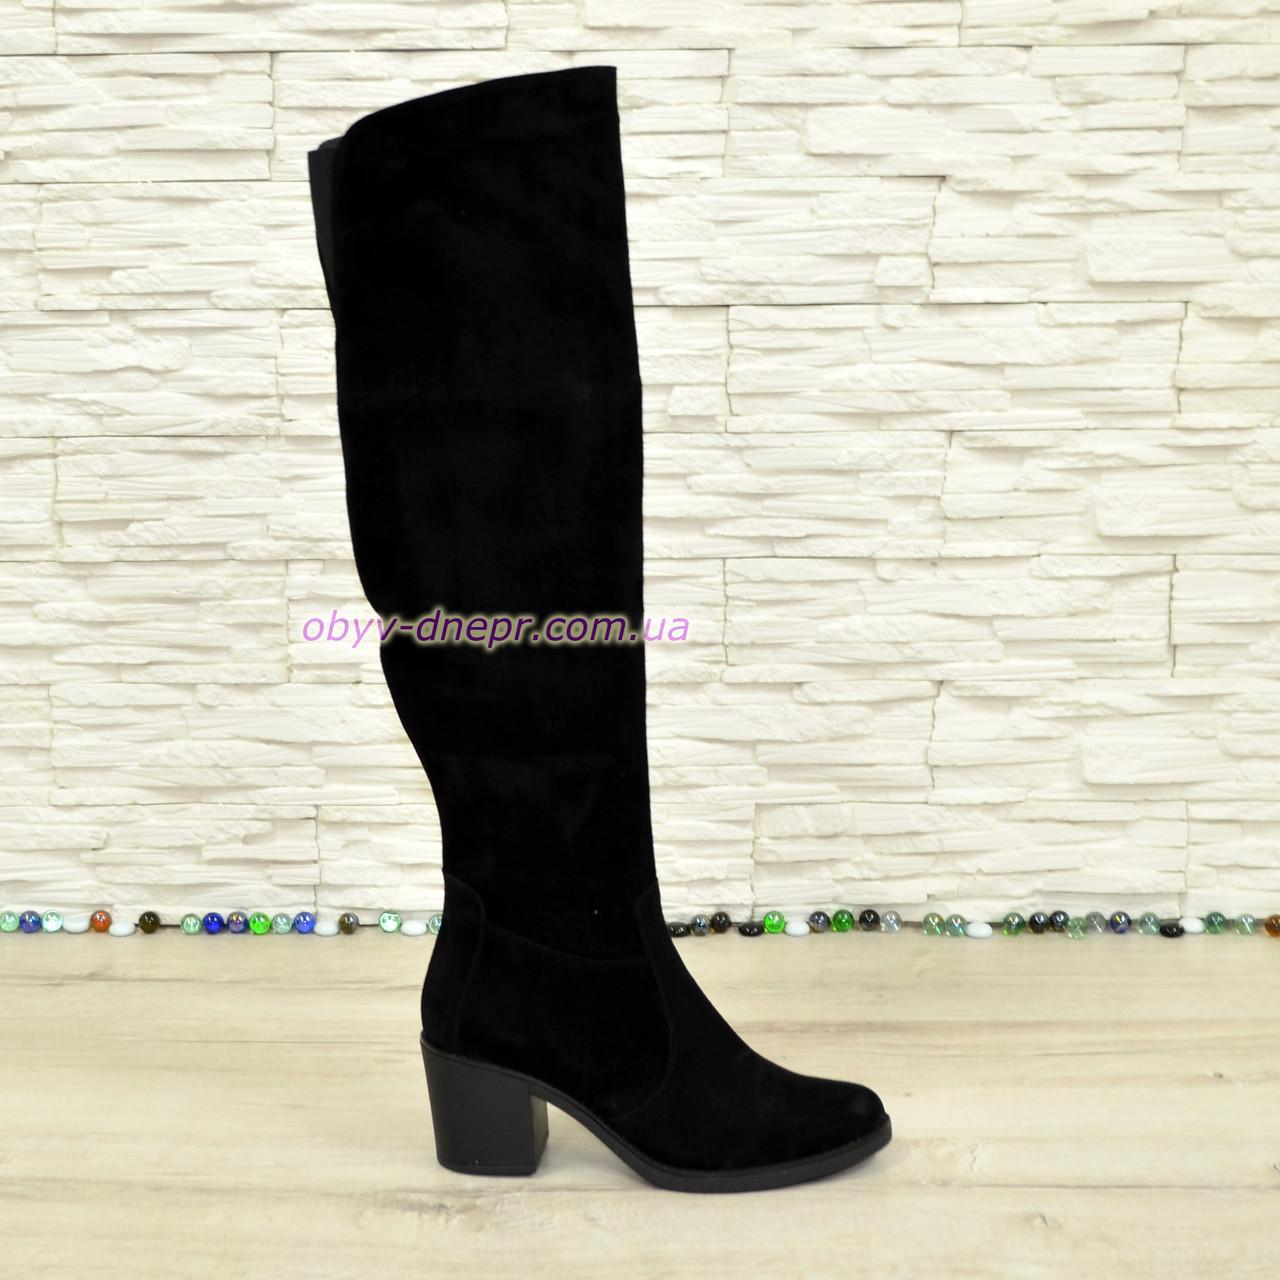 Ботфорты демисезонные замшевые на устойчивом каблуке, цвет черный. 36 размер